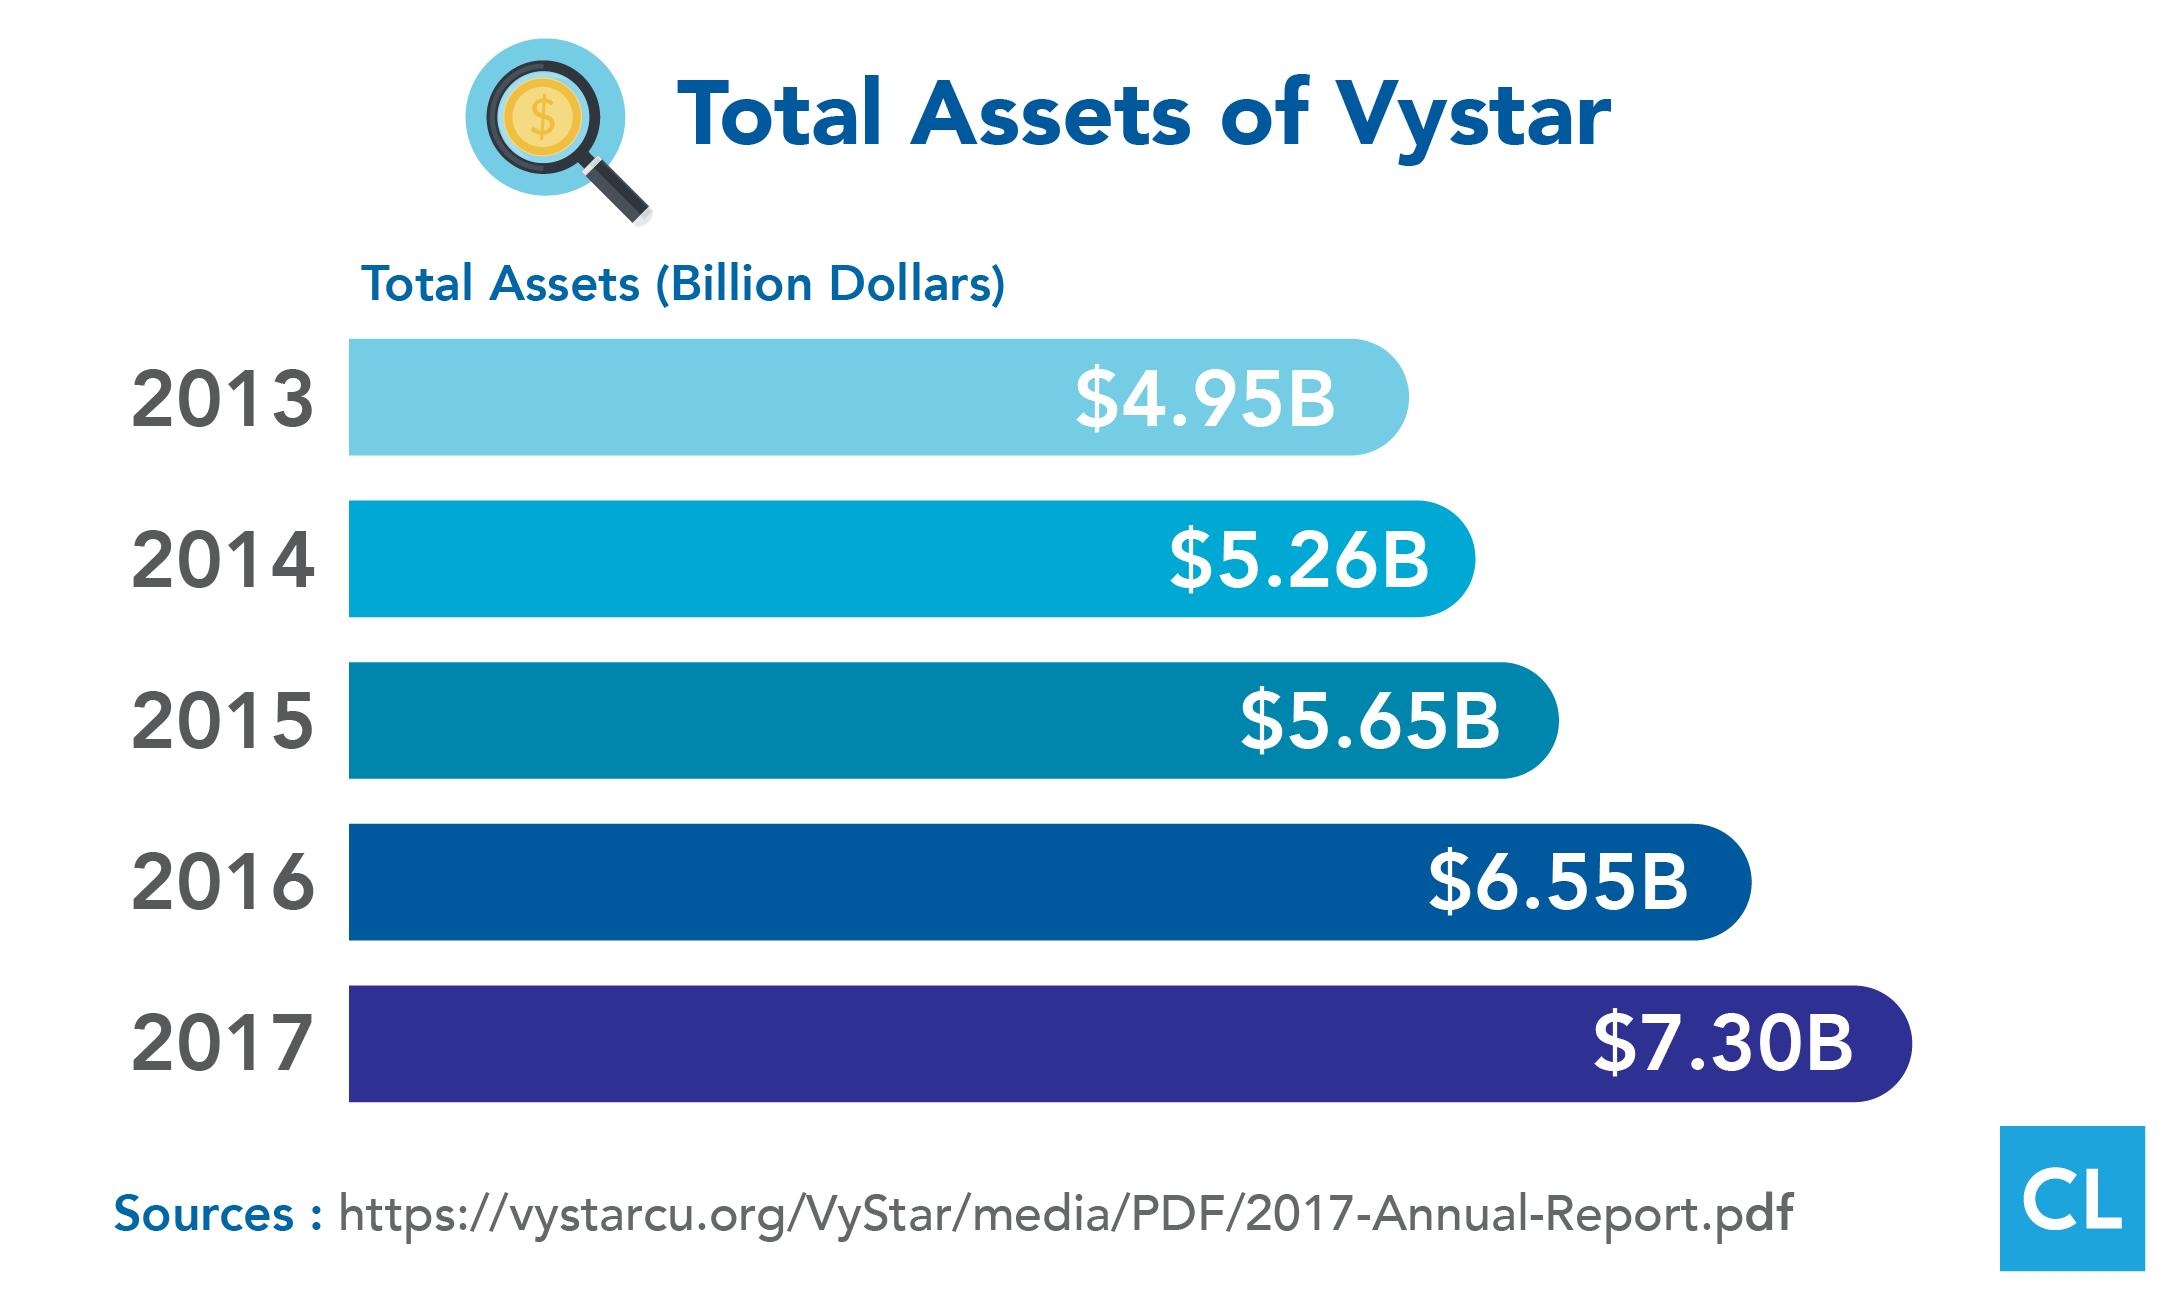 Total Assets of Vystar 2013-2017